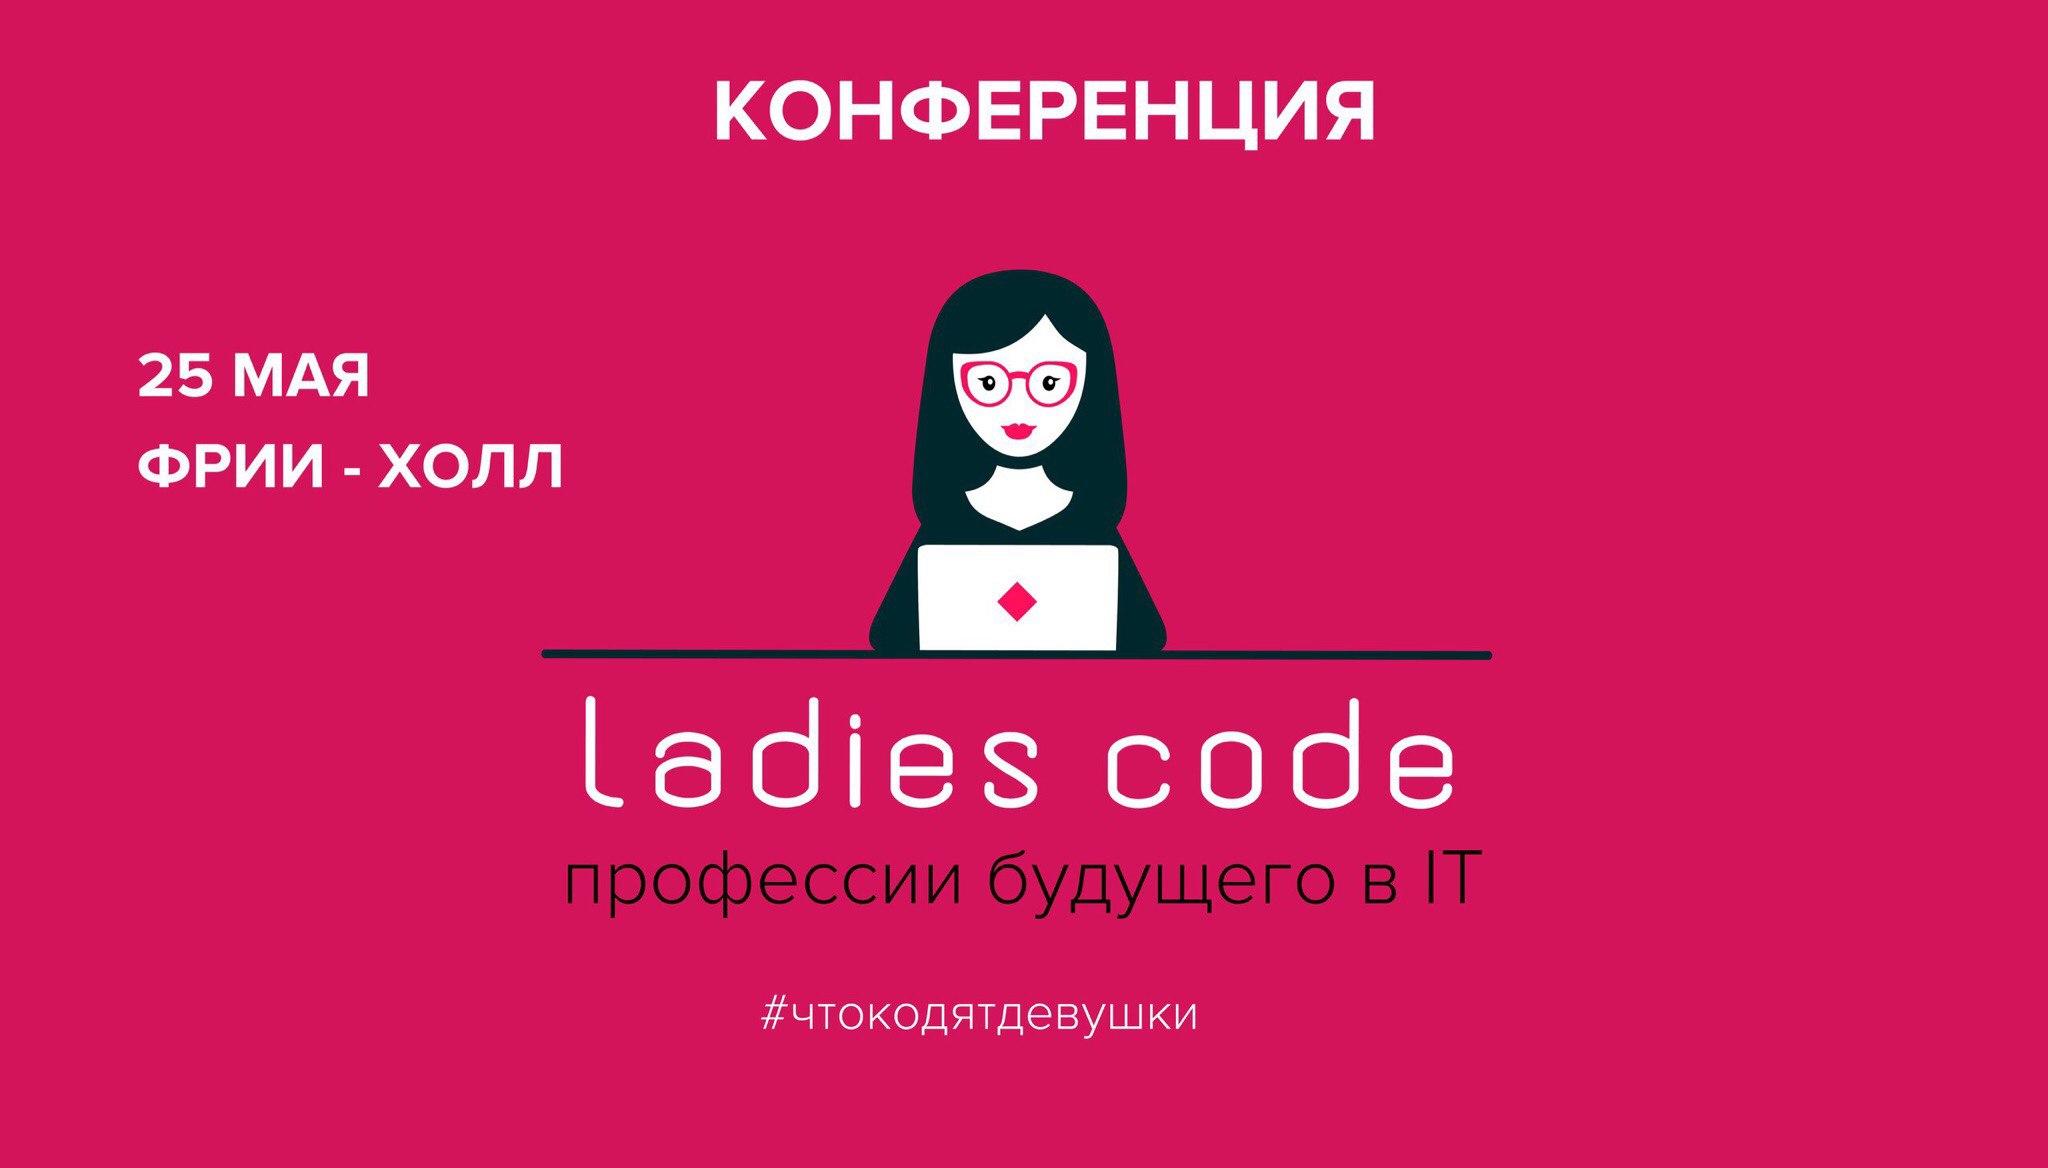 Photo of Ladies Code 2017: профессии будущего в IT Ladies Code 2017: профессии будущего в IT Ladies Code 2017: профессии будущего в IT zGZ7Iue1yk